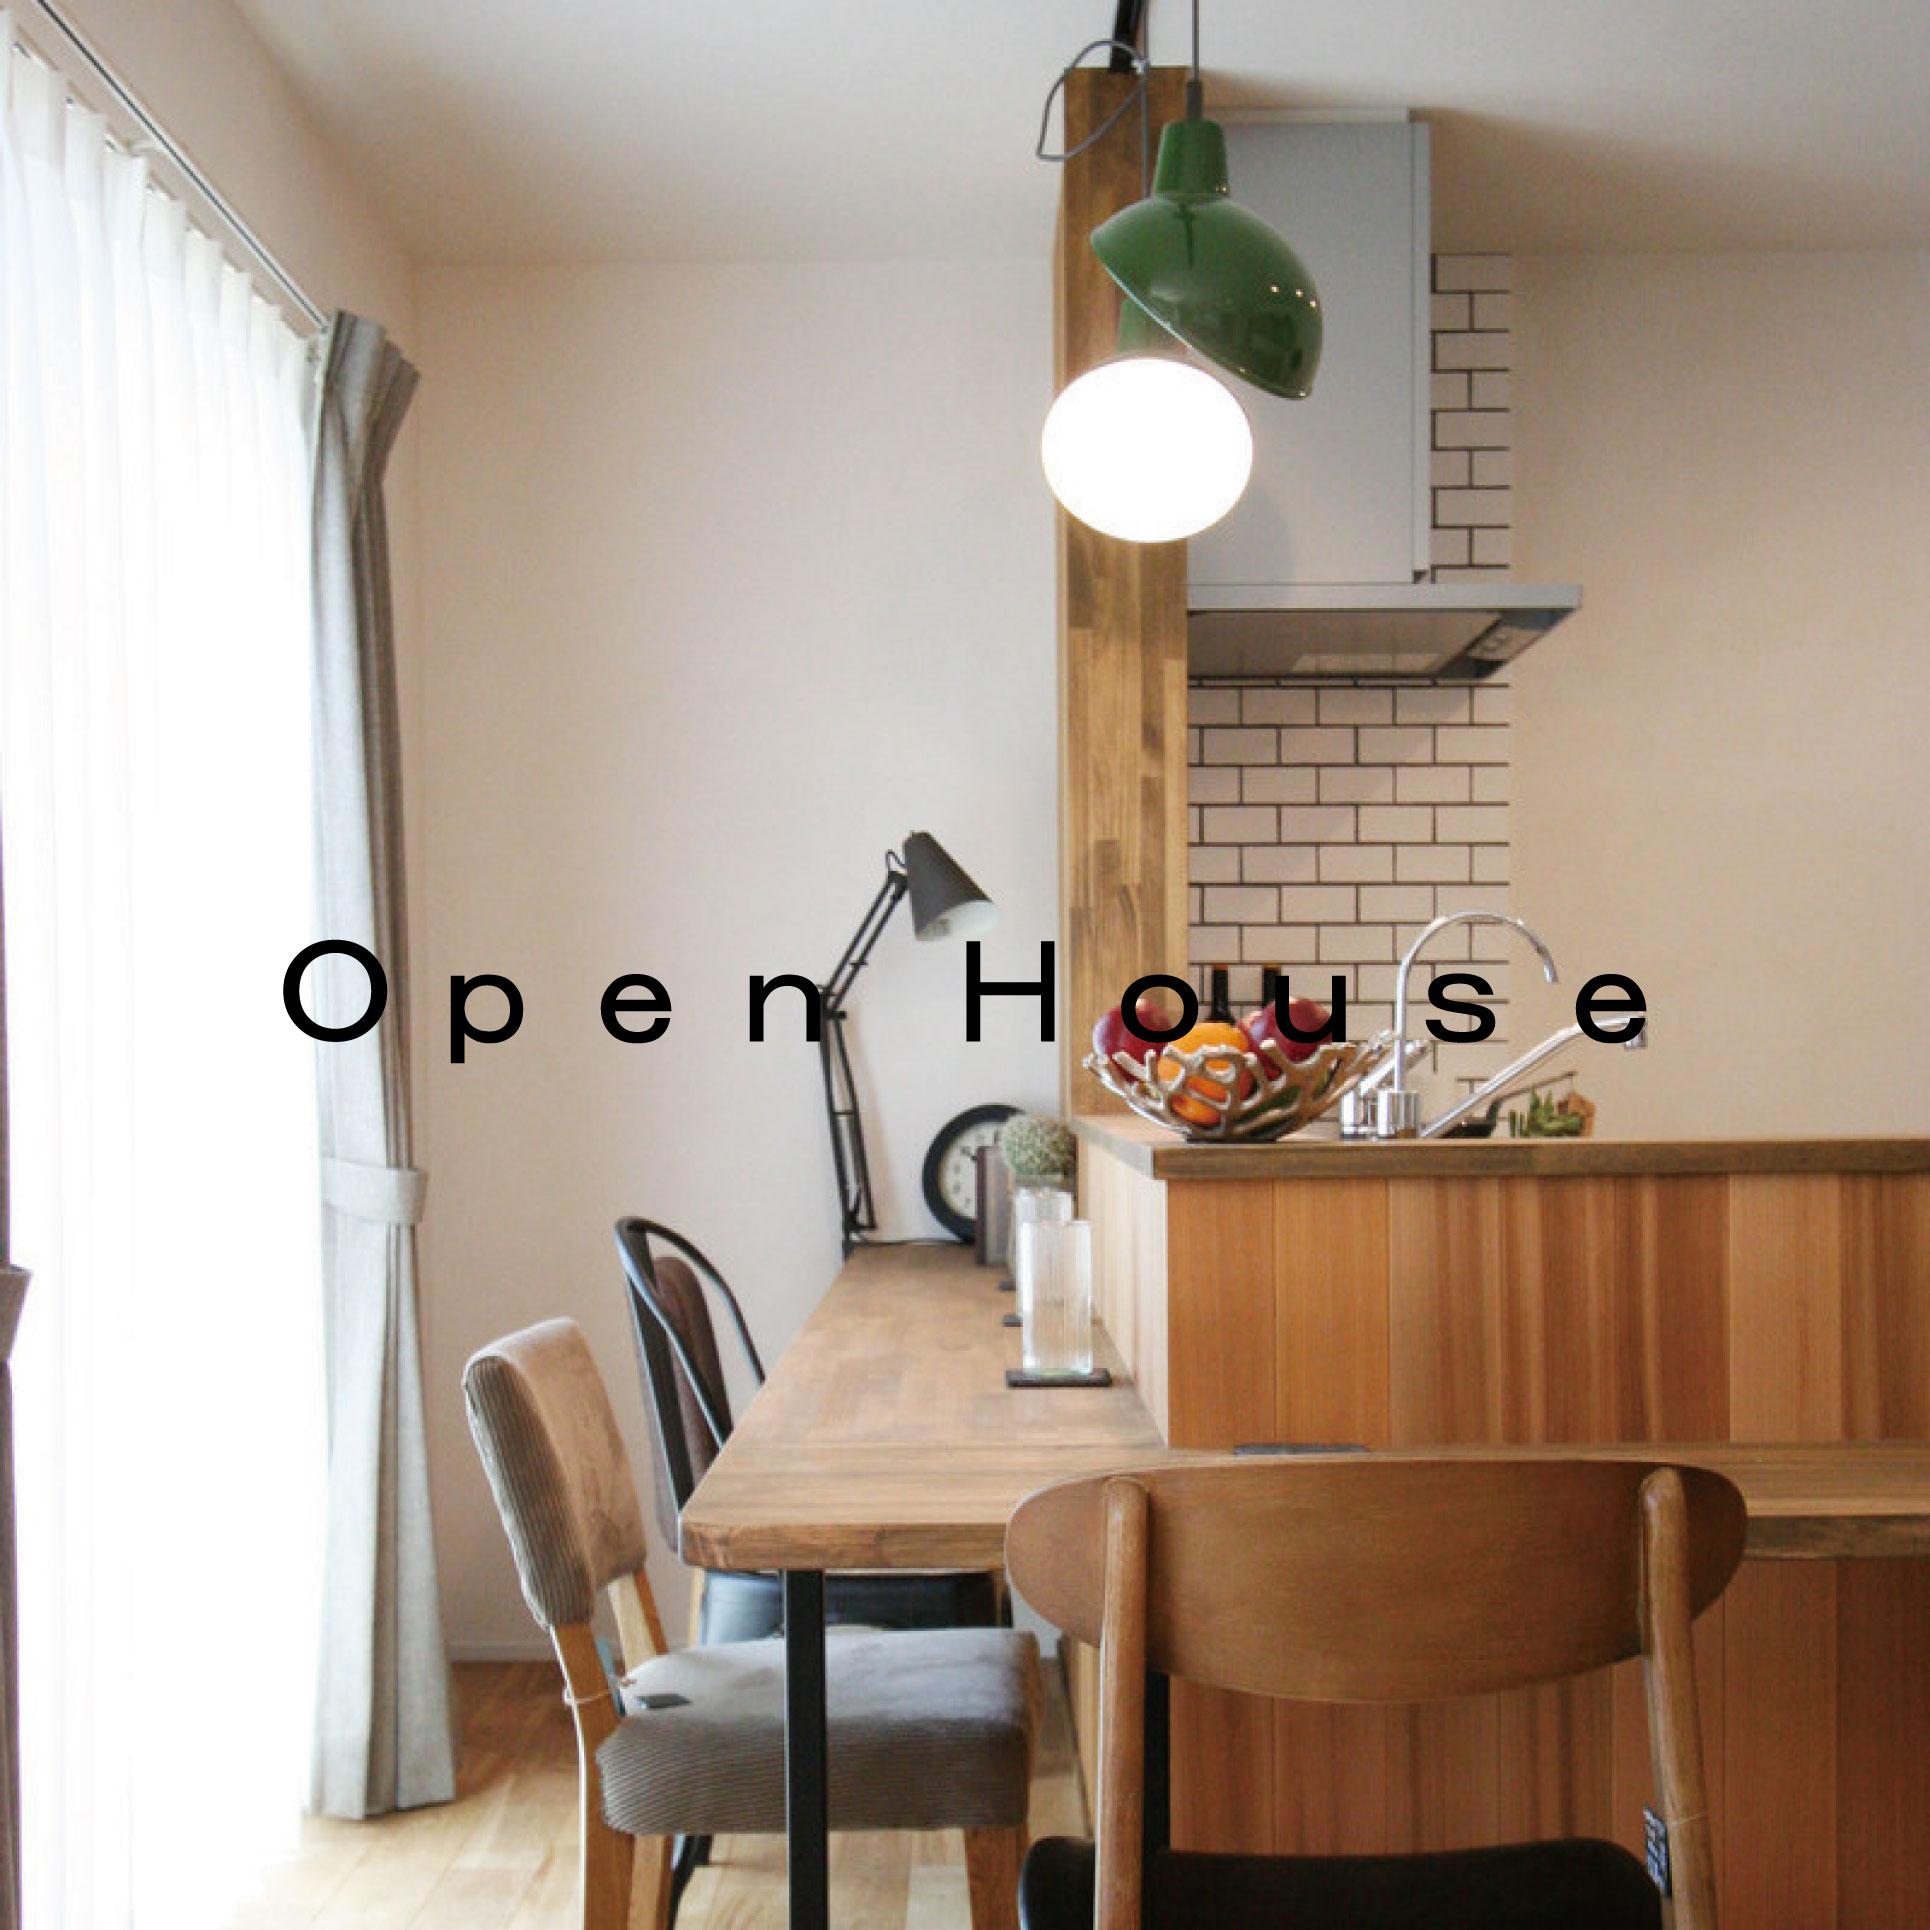 高知市神田に自然素材の大人ナチュラルなお家が完成。完成見学会を行います。